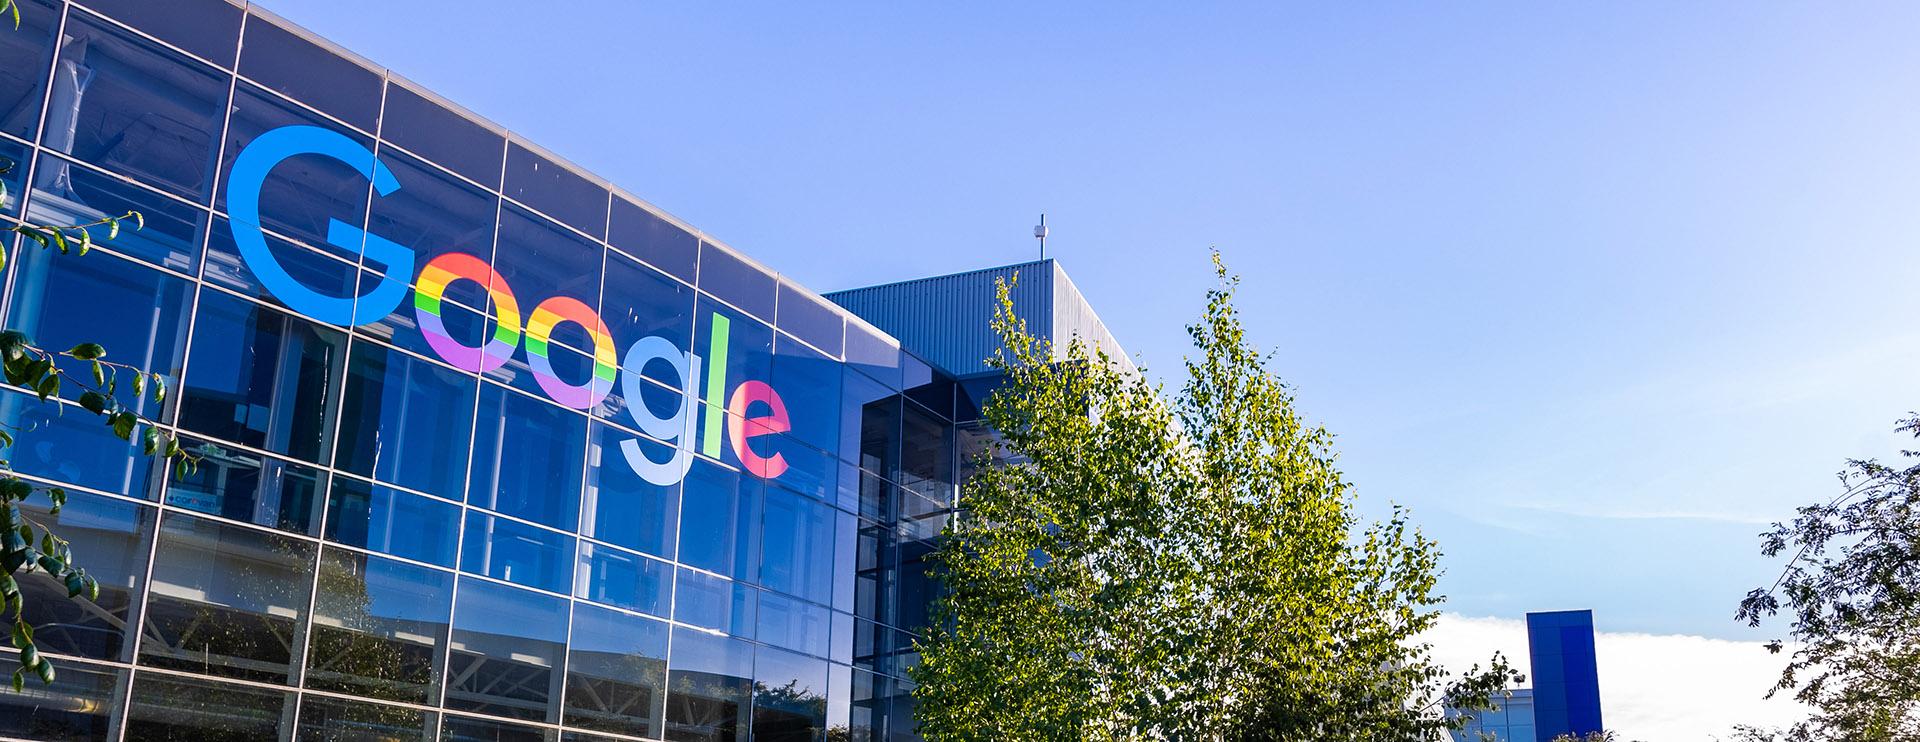 1,07 miljard aan aandelen verkocht door de oprichters||van Google